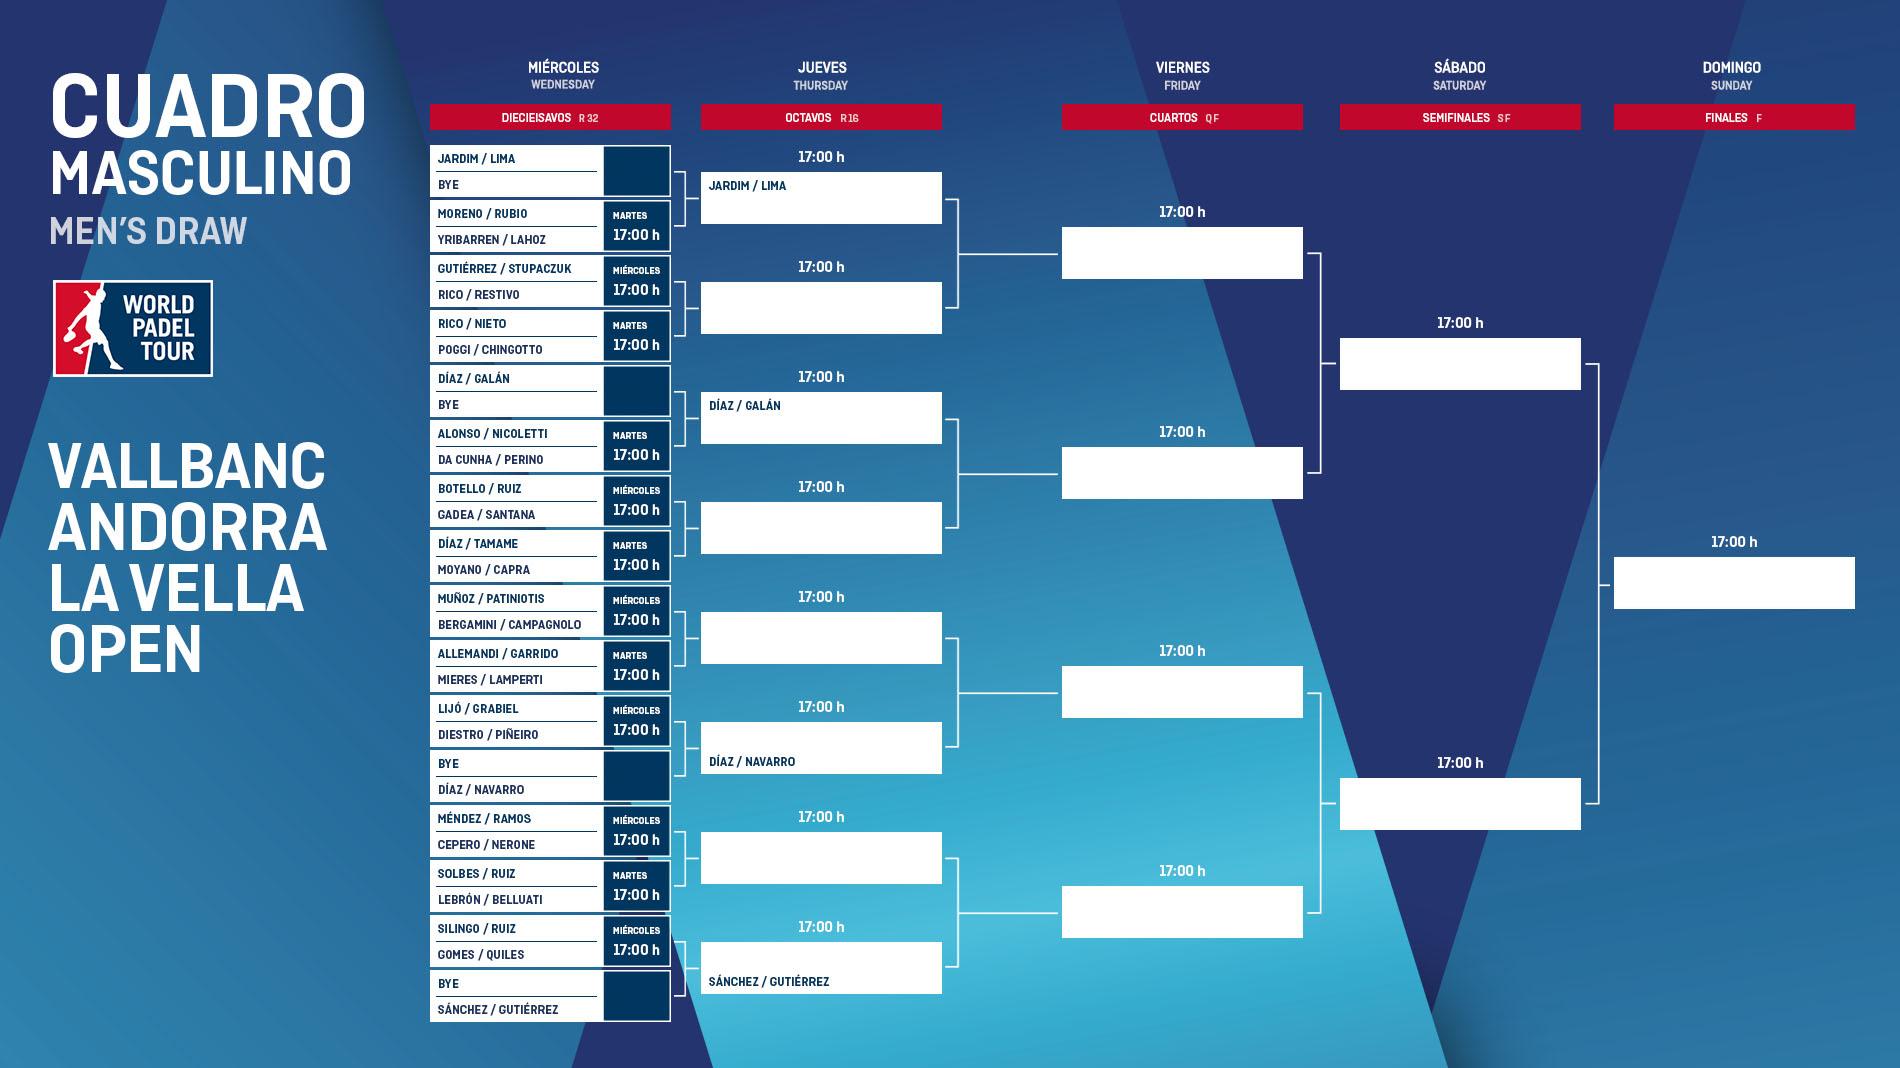 Cuadro final masculino del Andorra Open